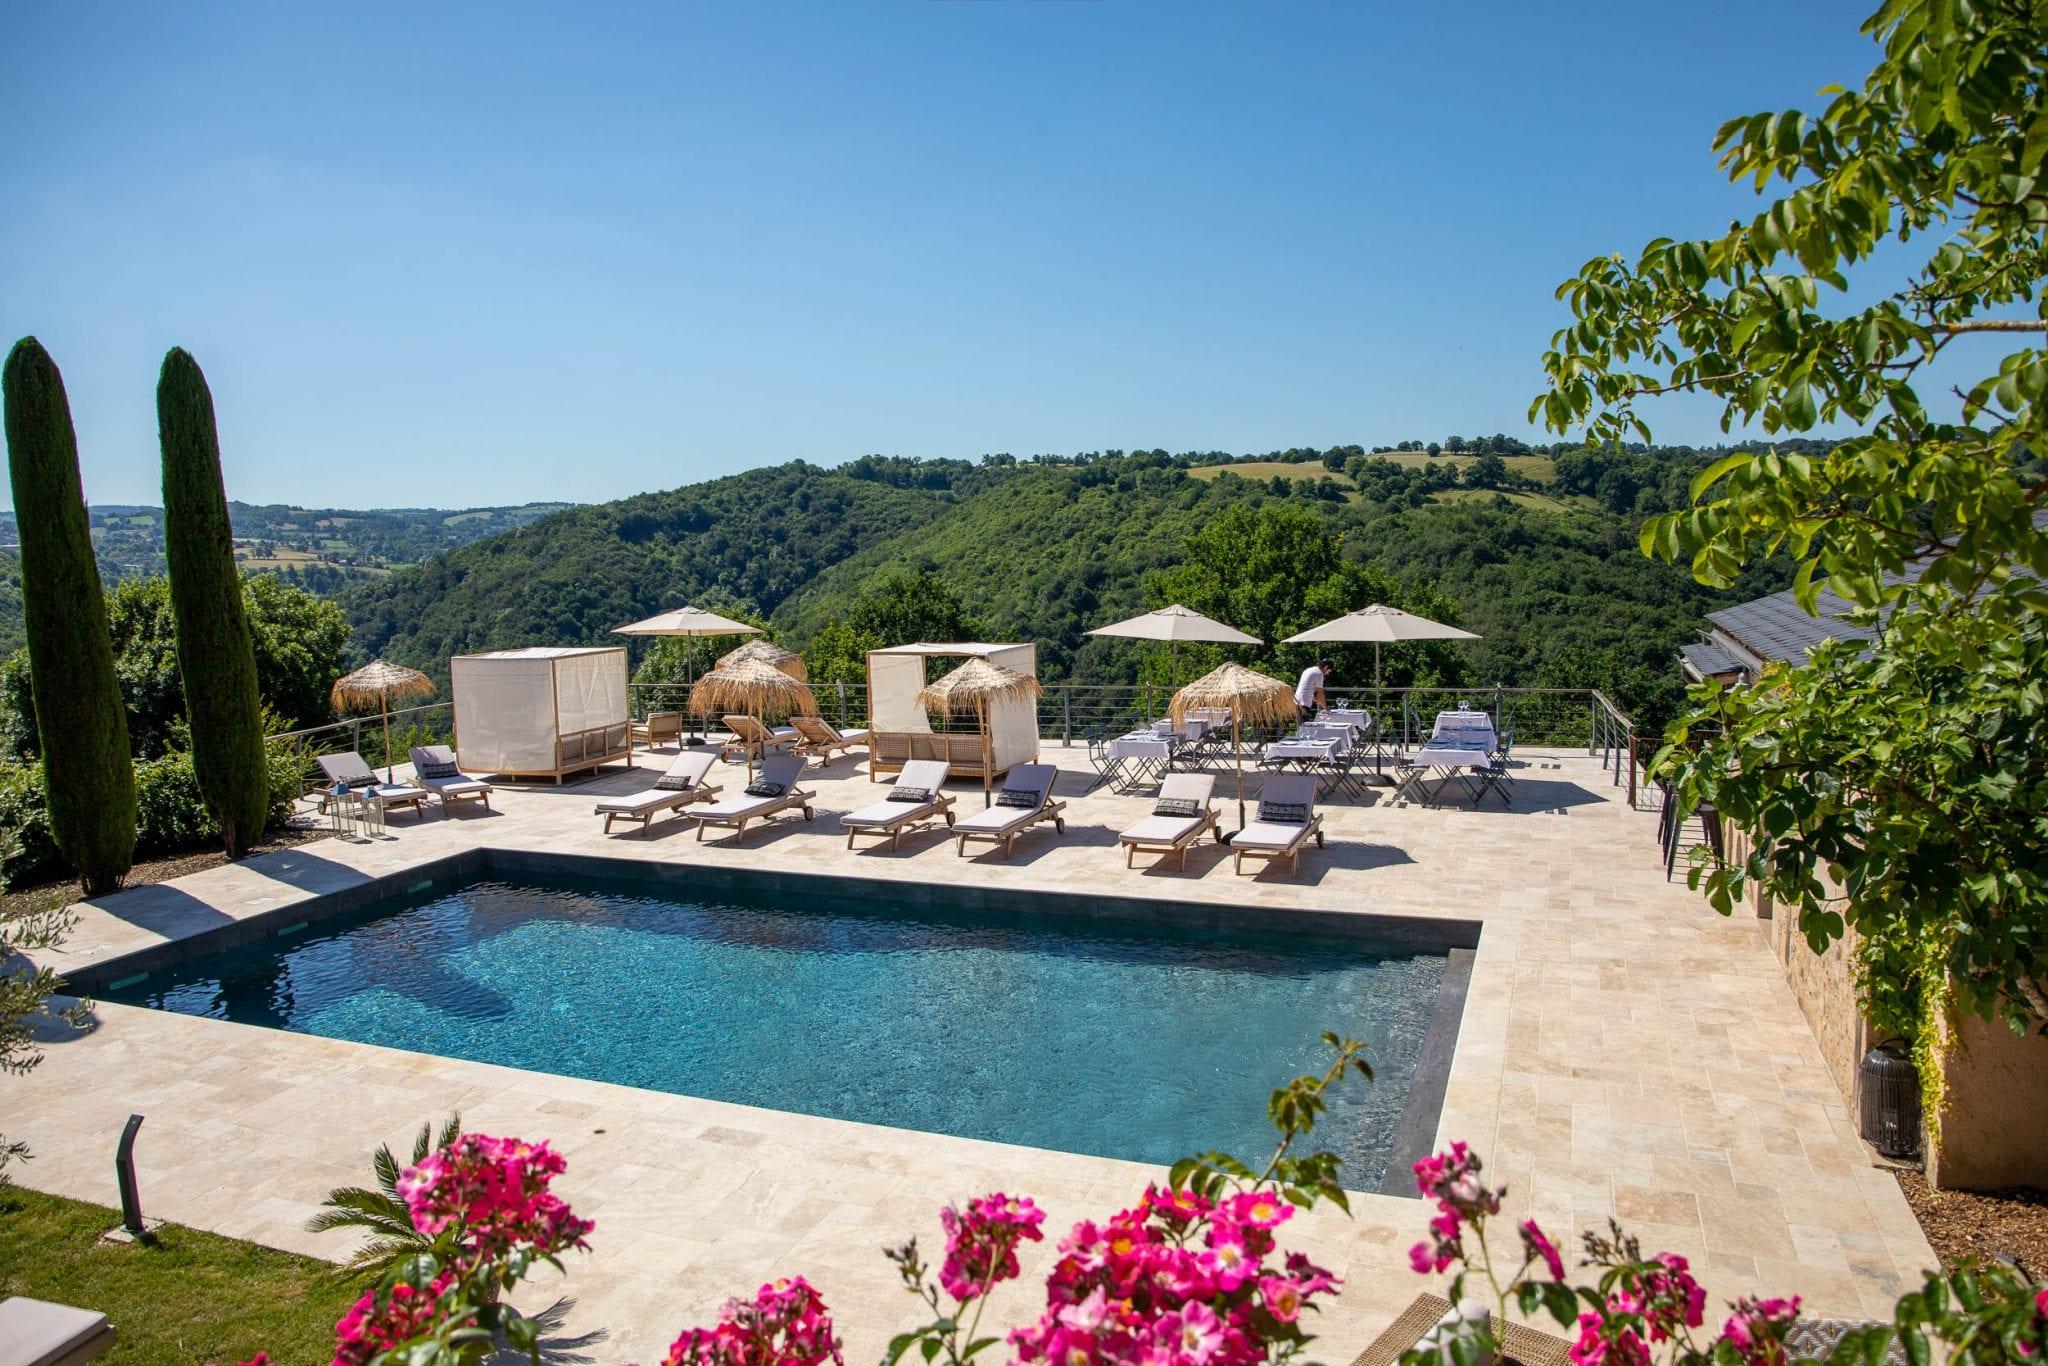 Photographie Gite et chambres d'hôte en Aveyron Piscine et terrasse en Aveyron - réalisation Studio END Rodez